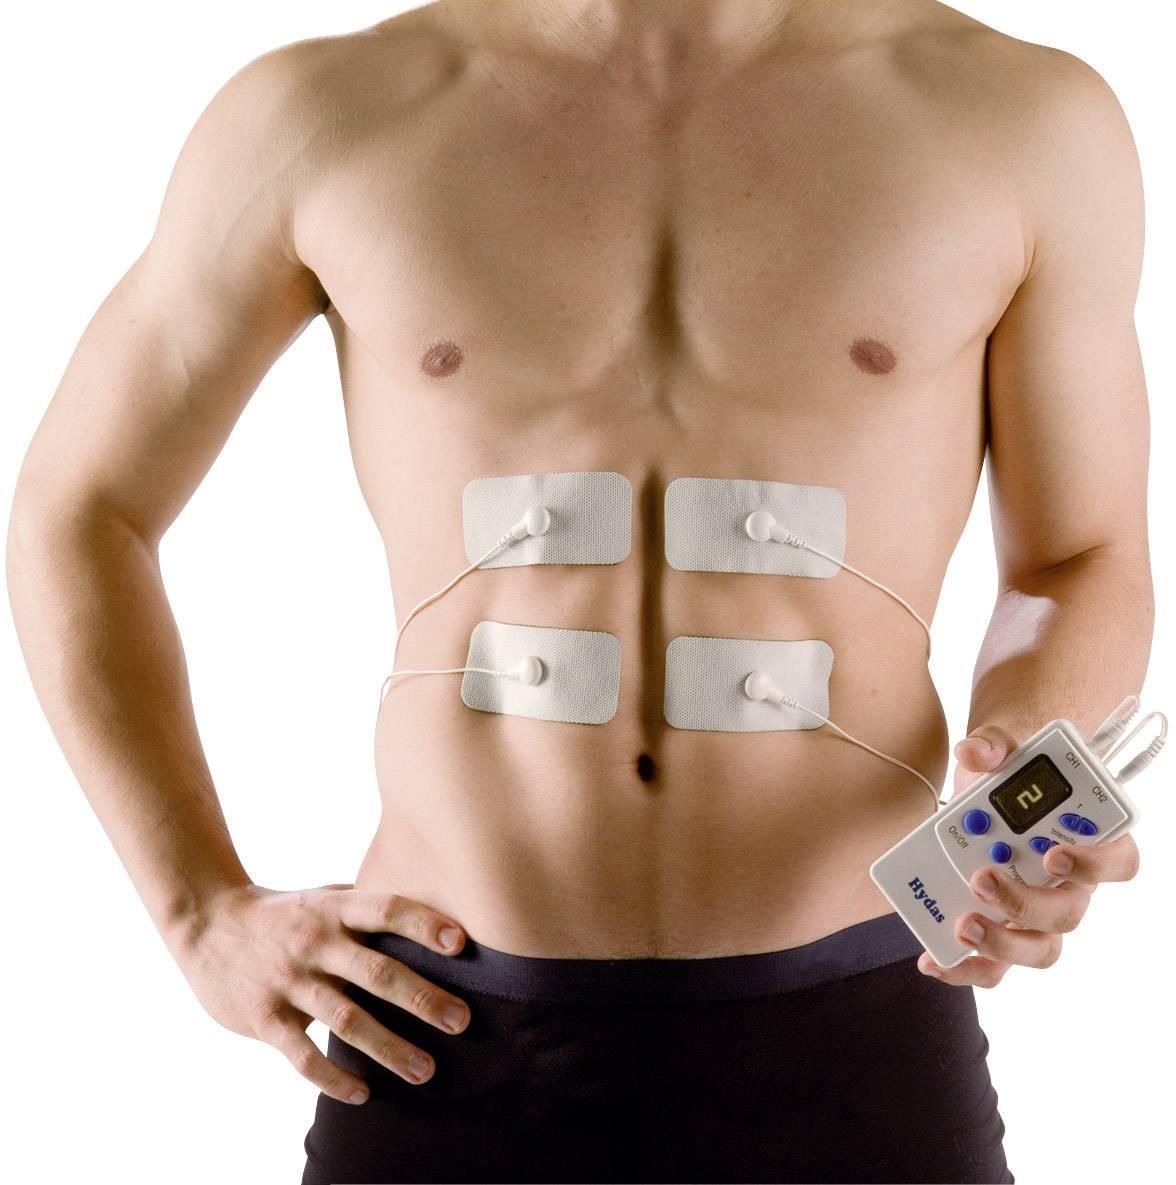 2kanálový elektrický stimulátor nervů Hydas